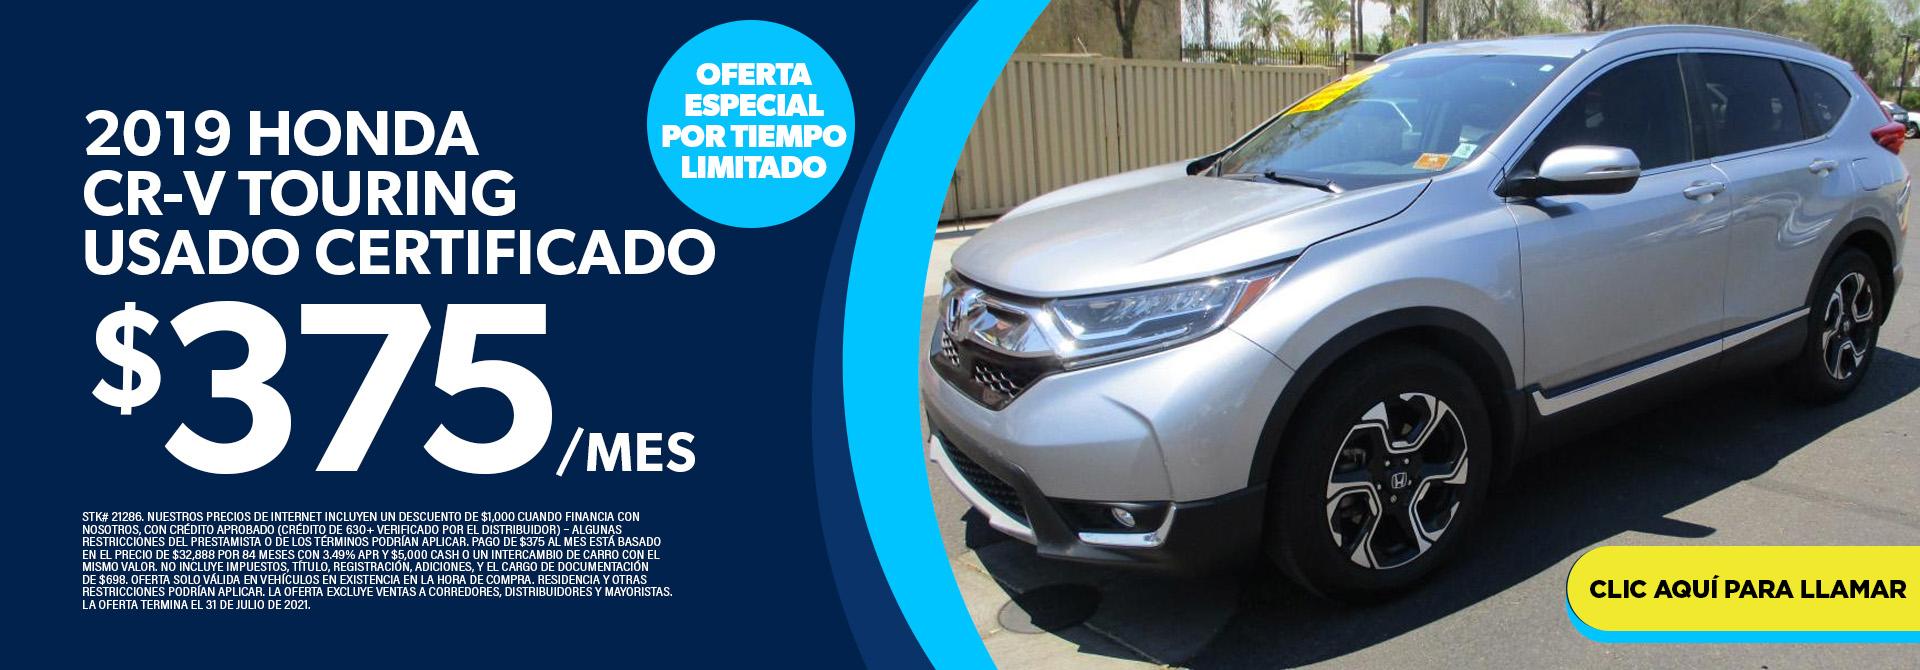 2019-HONDA-CR-V-SPANISH